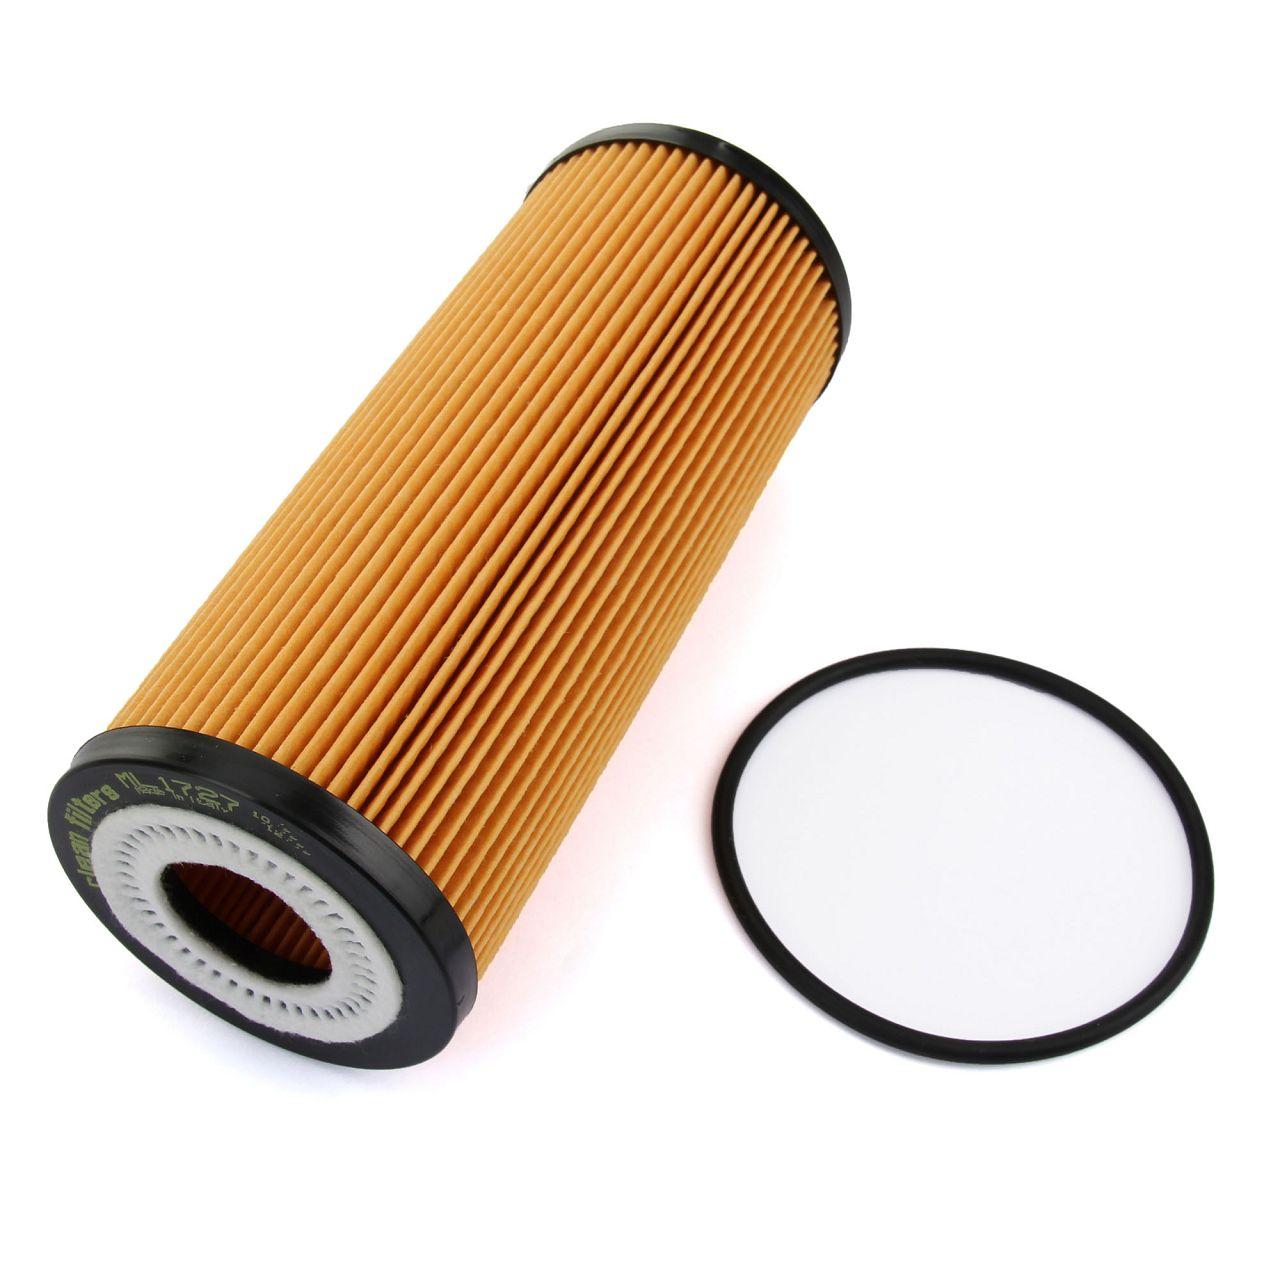 Inspektionskit Filterpaket ALFA ROMEO 159 BRERA SPIDER (939) 2.4 JTDM